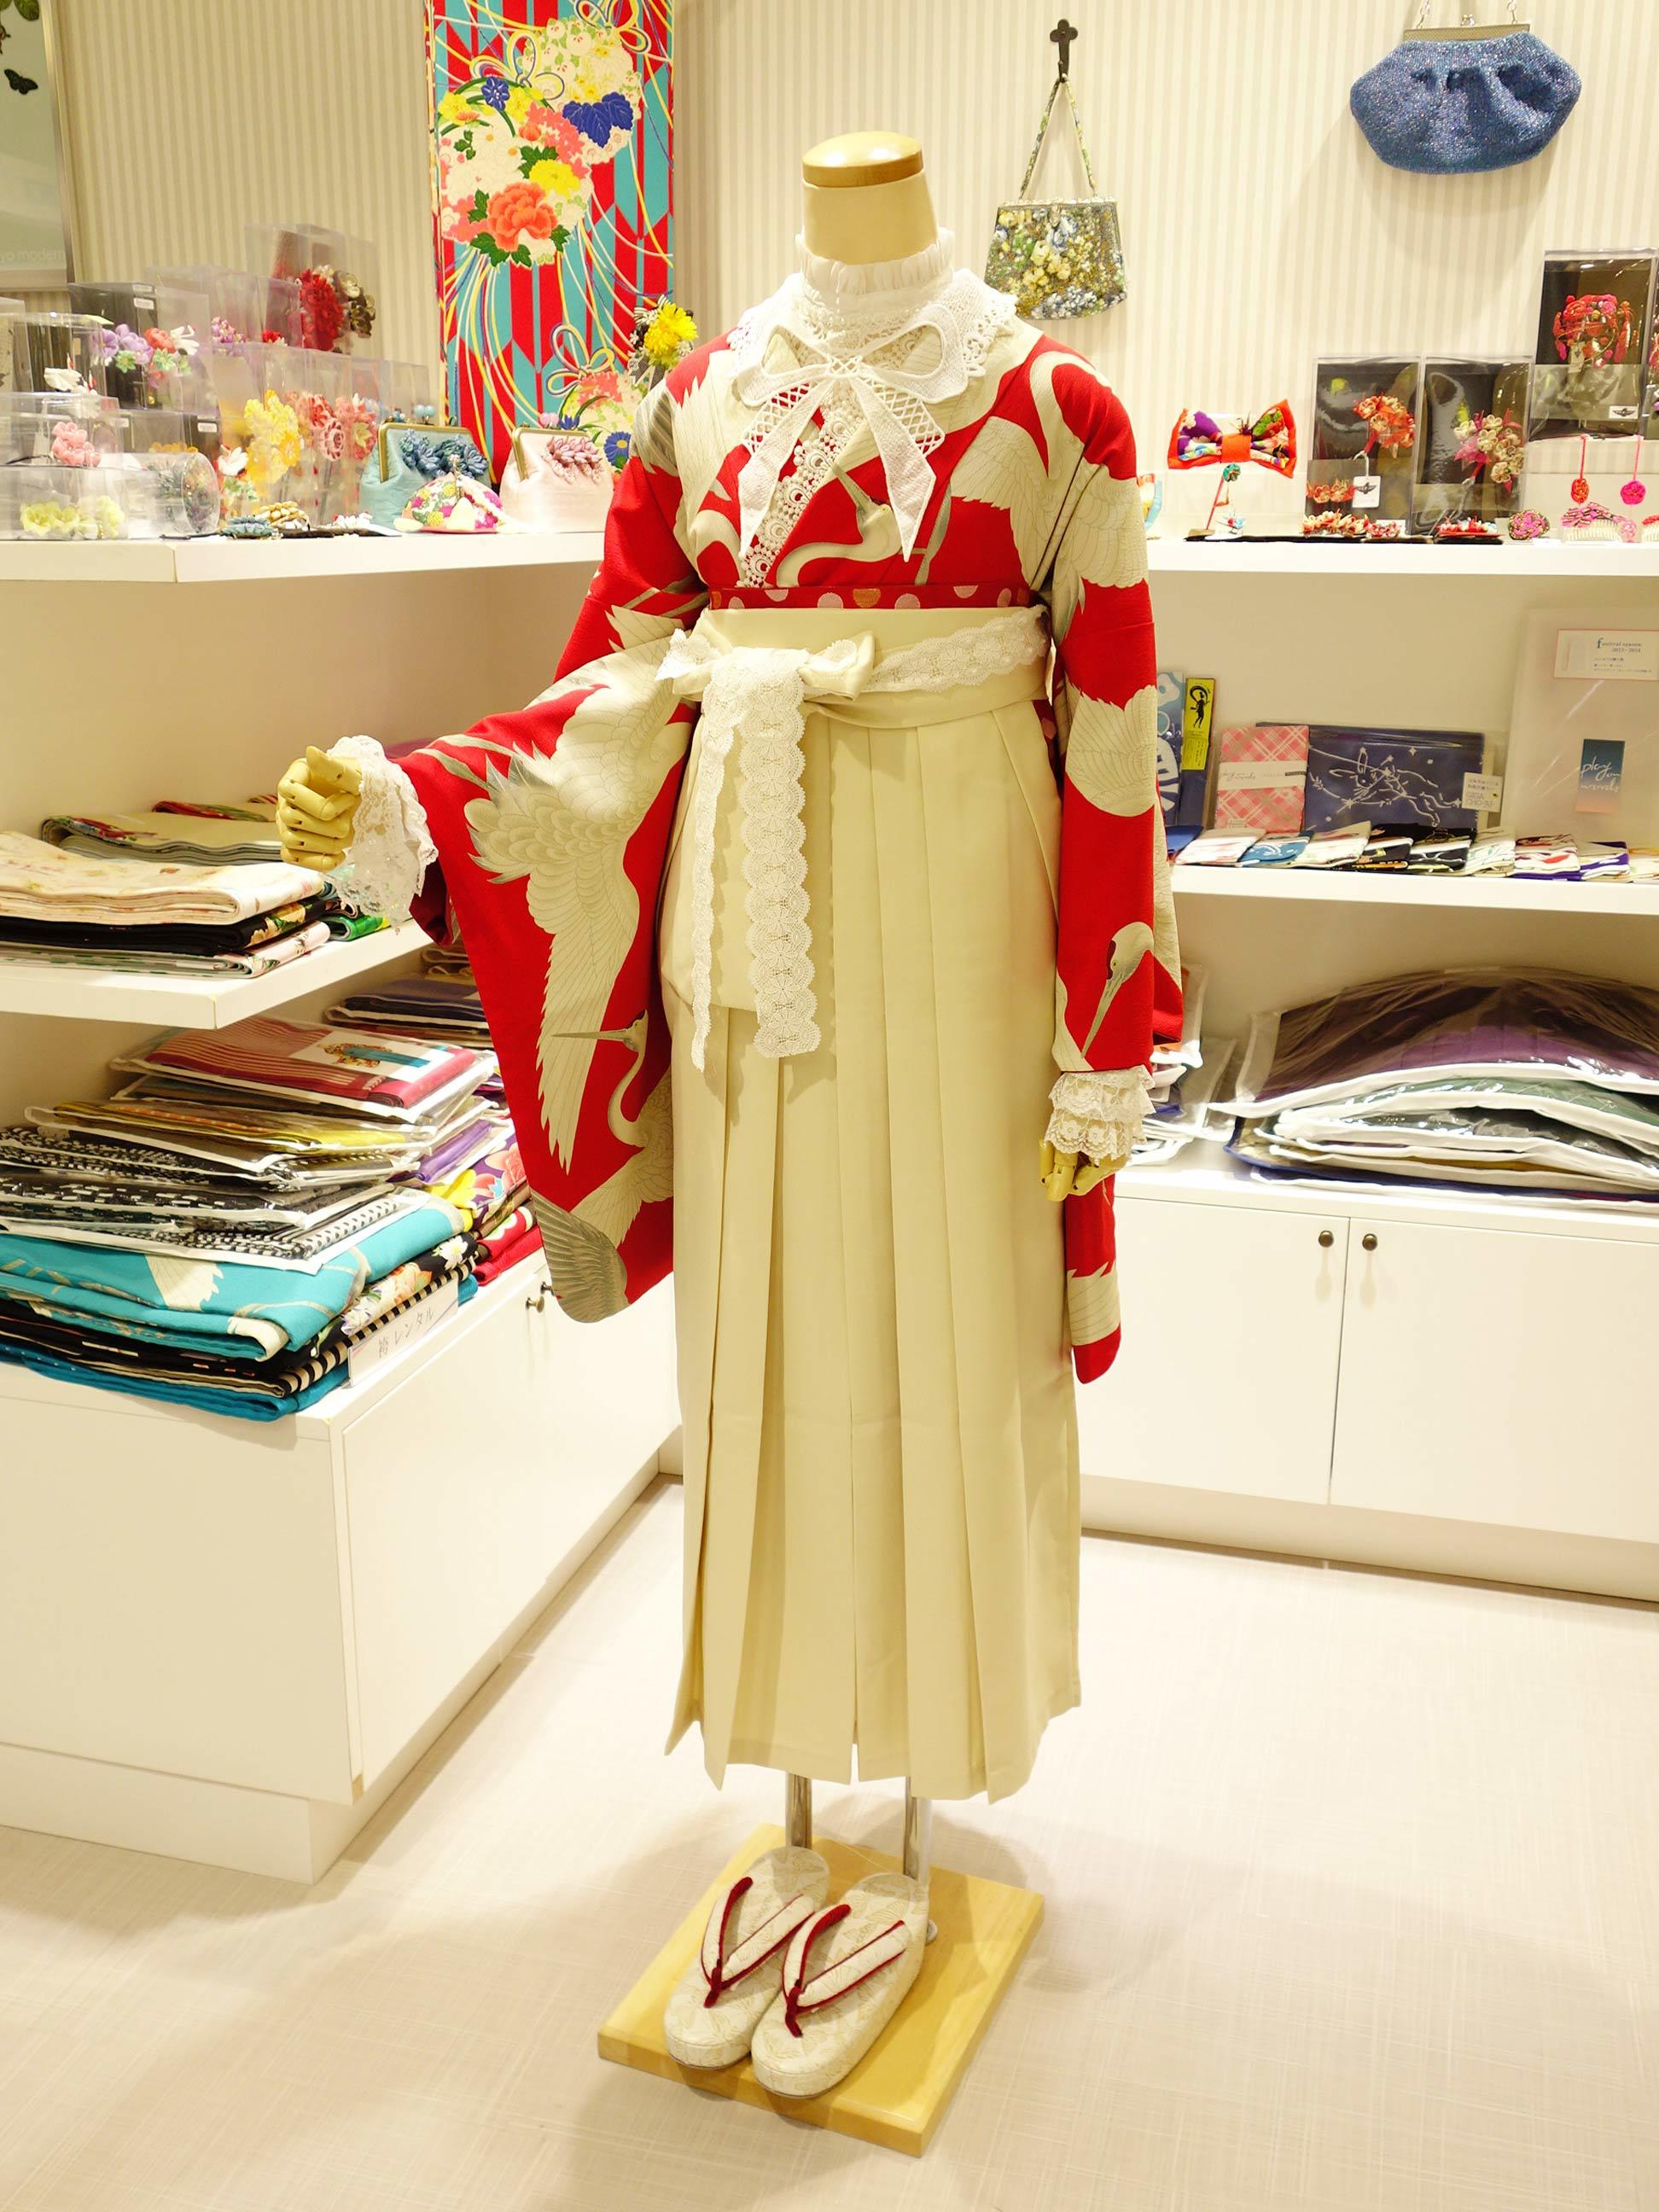 鶴赤2尺着物の袴コーデ紹介_e0167832_15525412.jpg